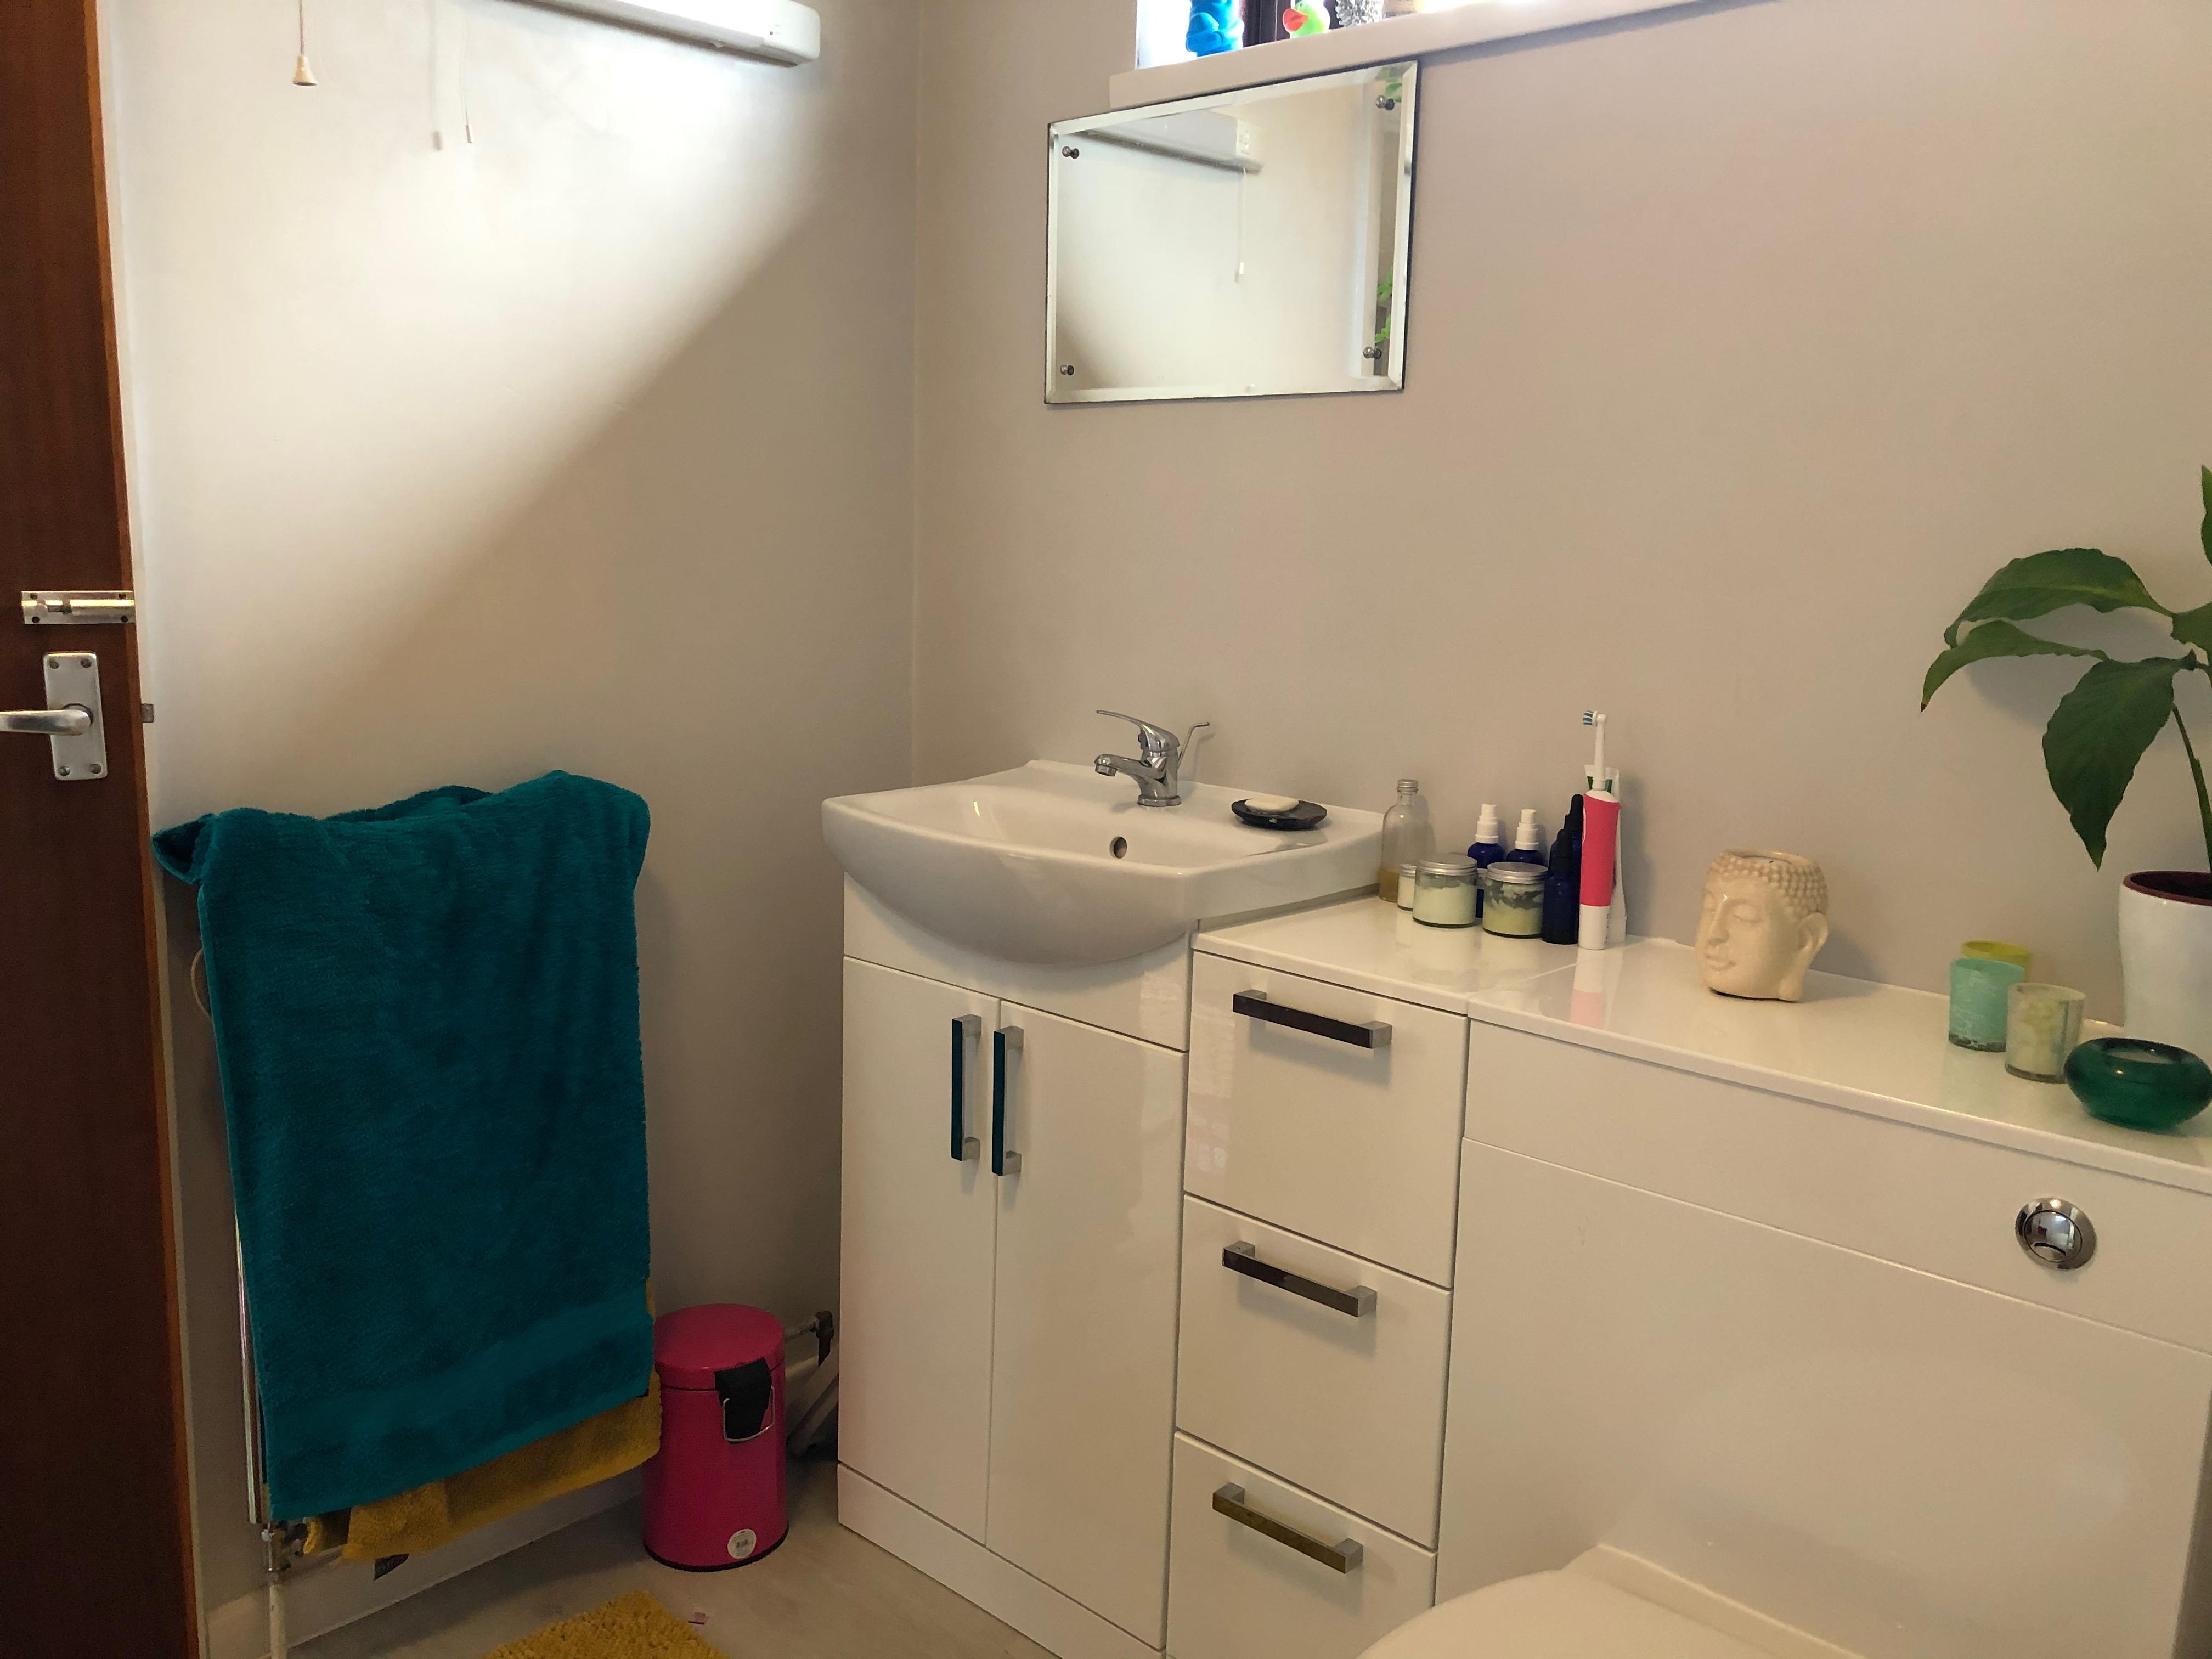 Annexe Bathroom pic a